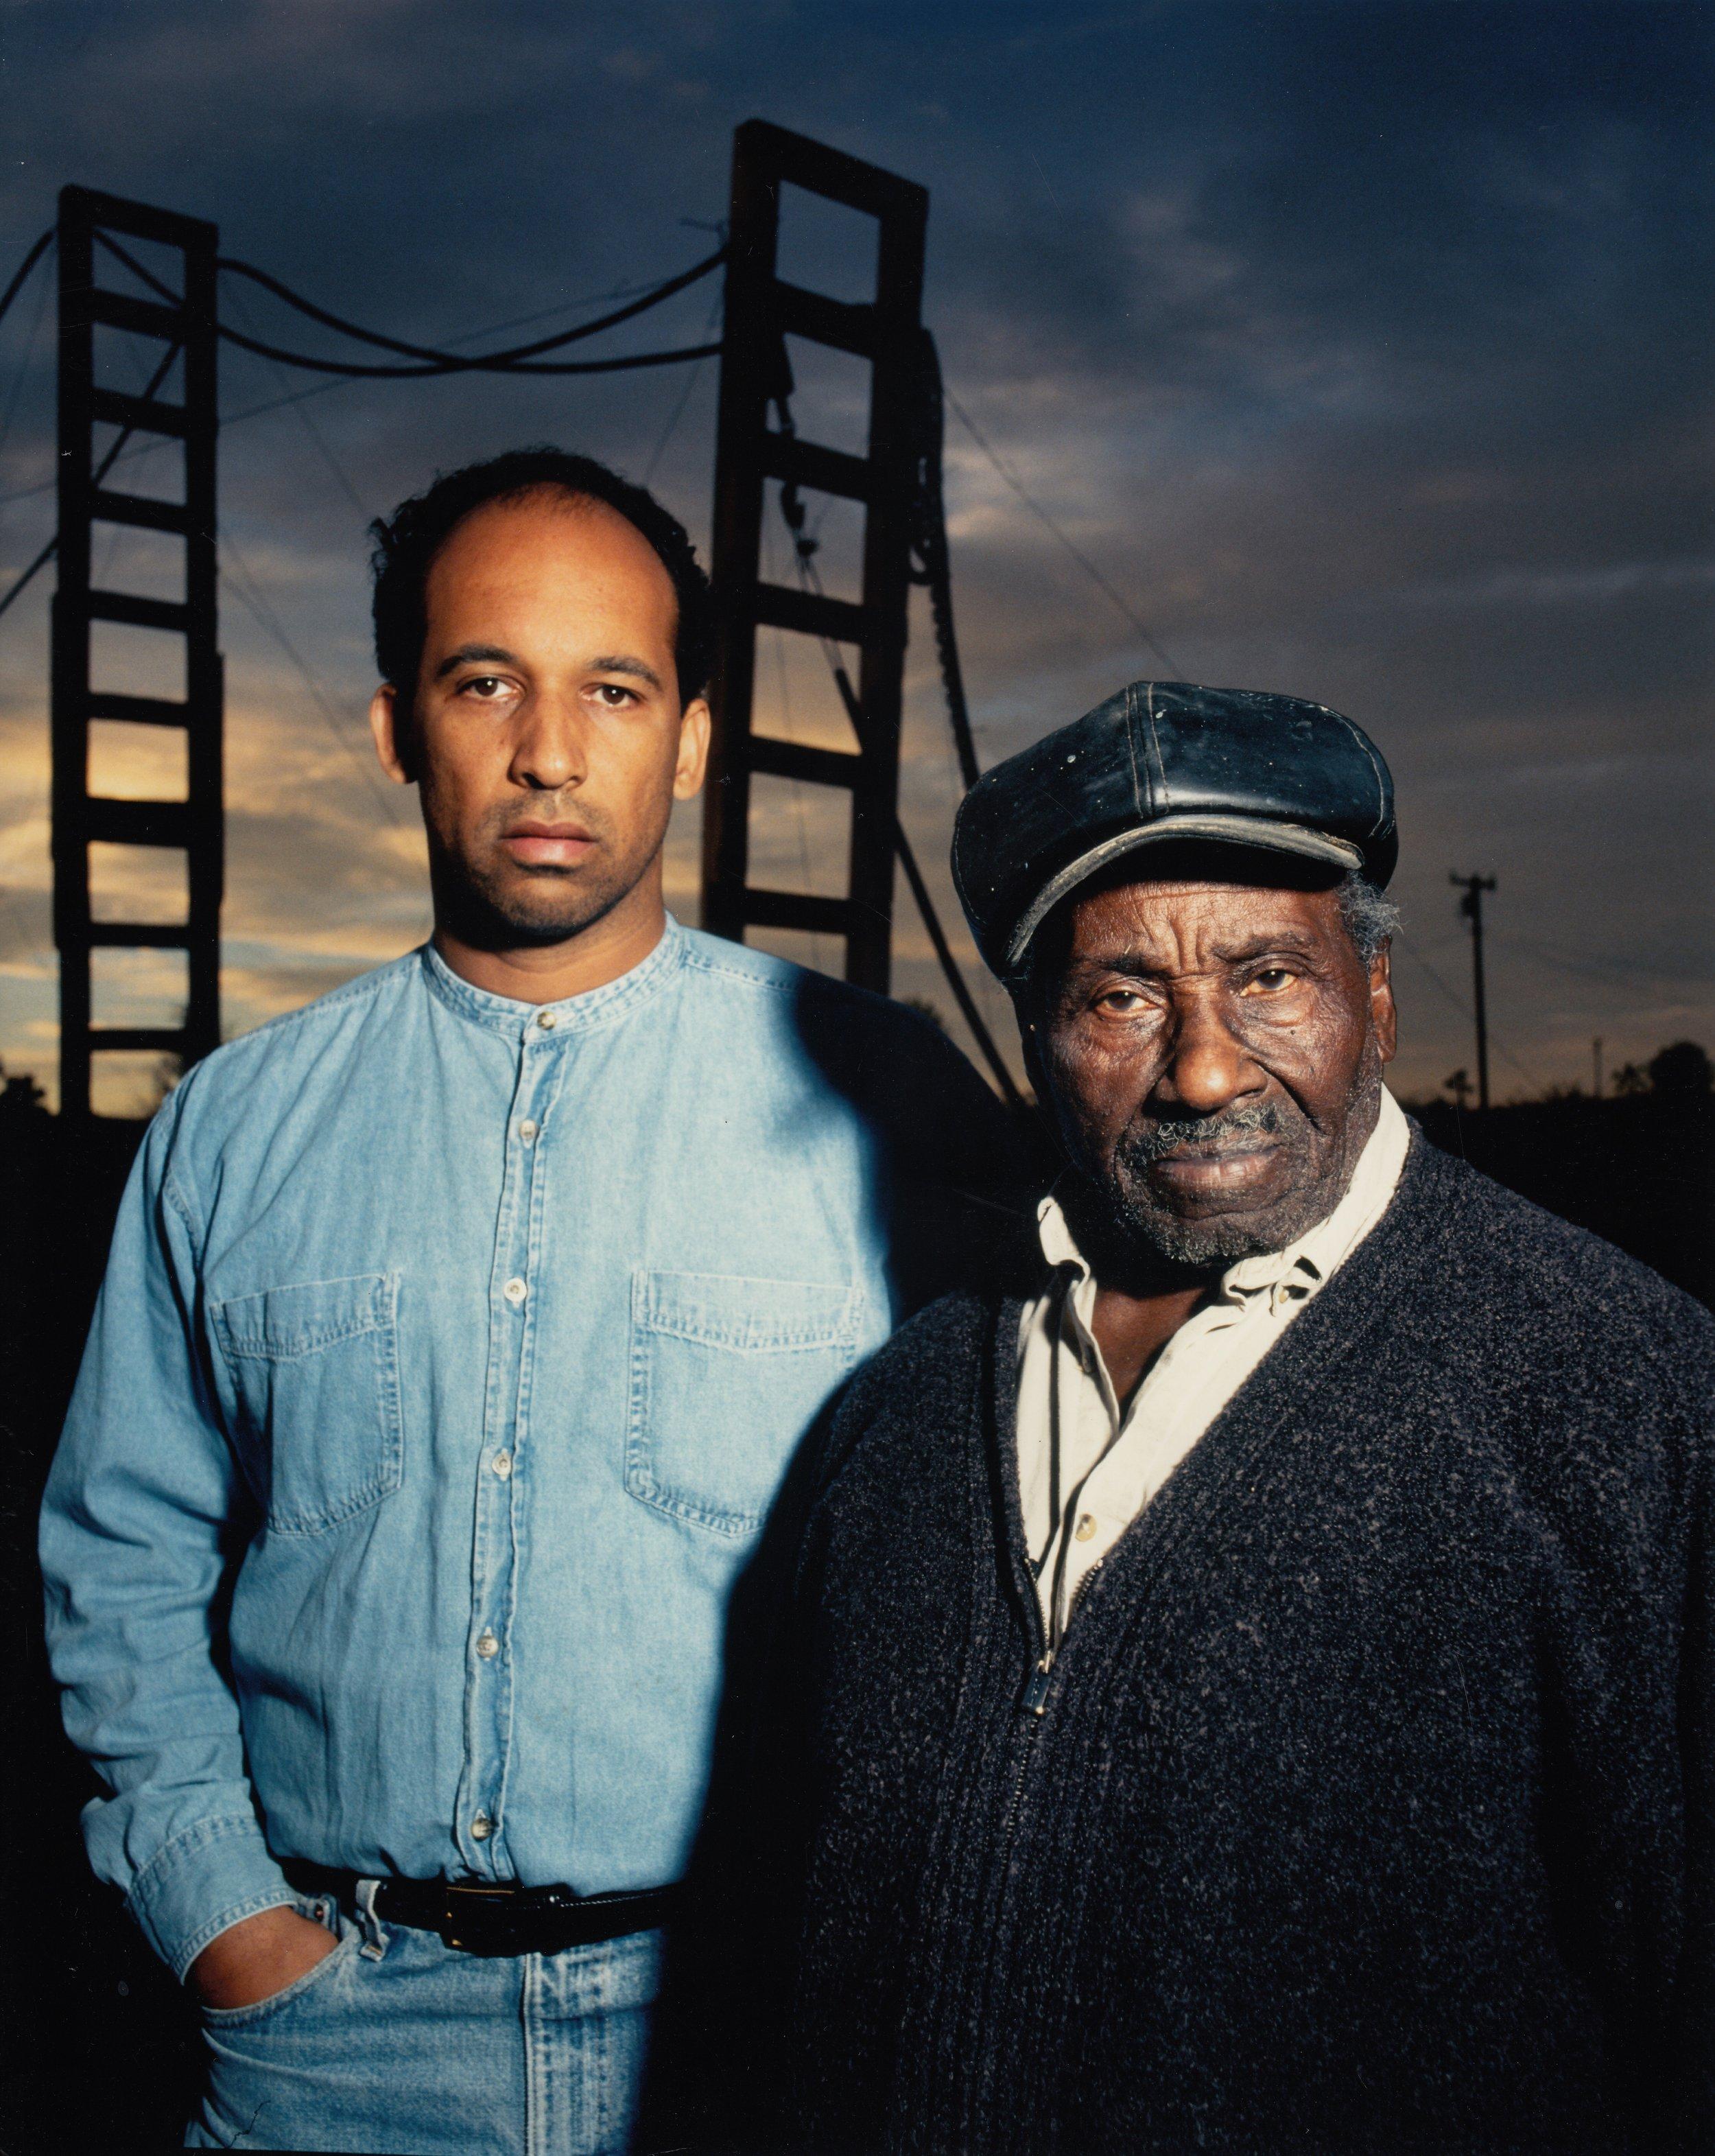 Joe Lewis with Noah at the Outdoor Art Museum ©Jim McHugh